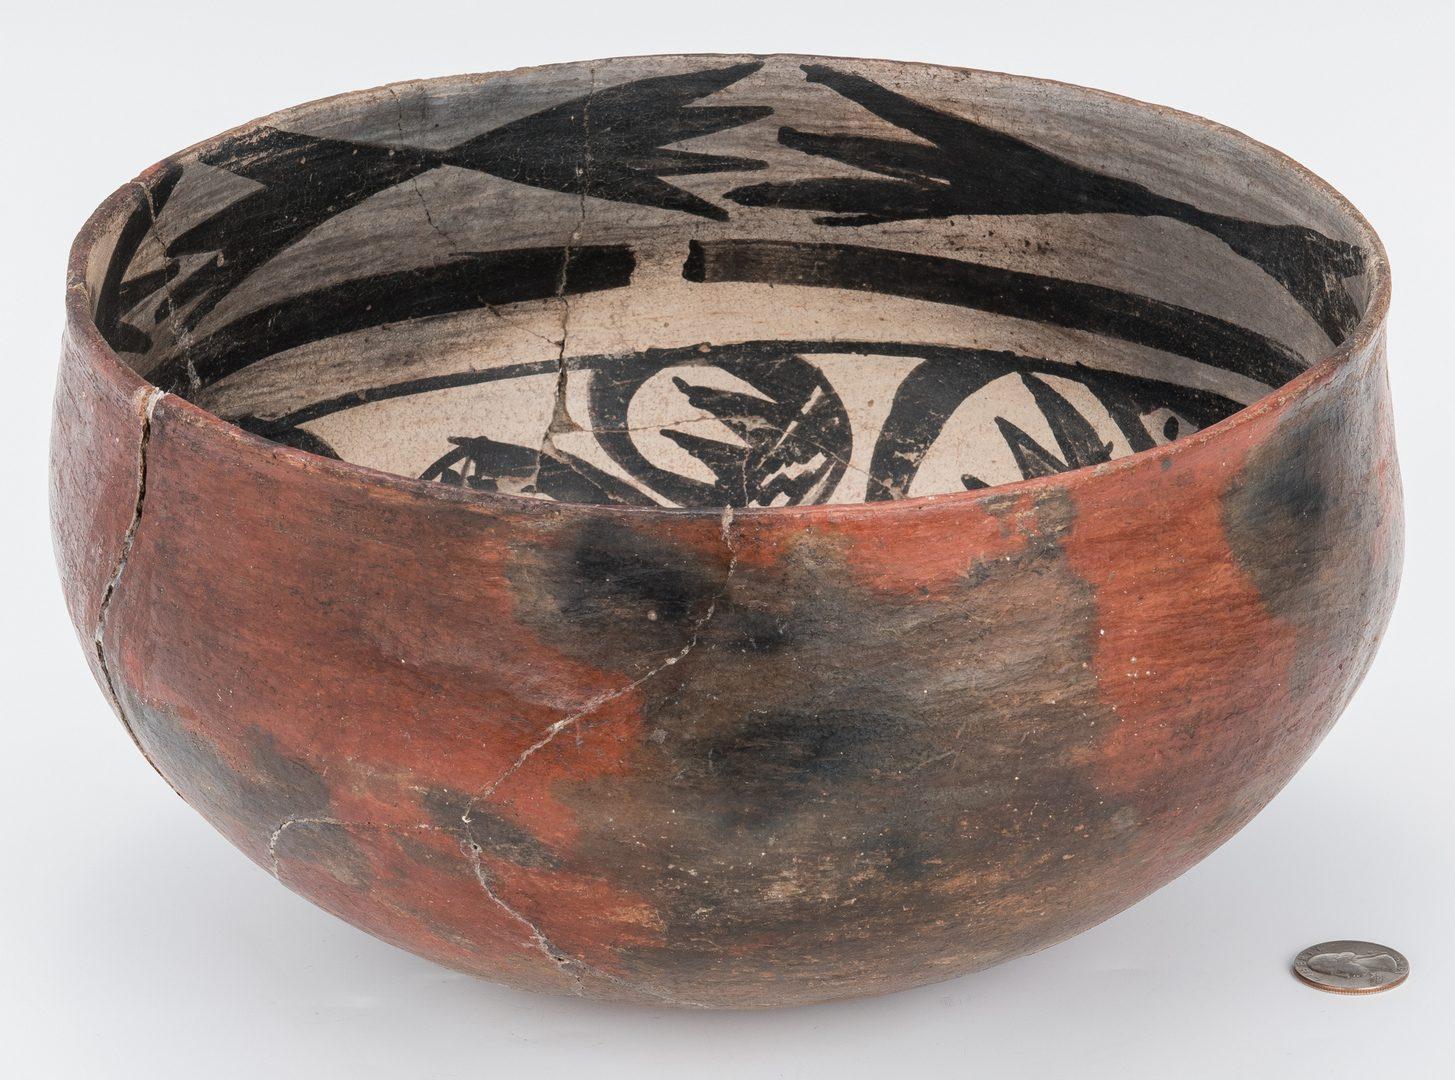 Lot 273: Native American Southwest Pueblo Pottery Bowl